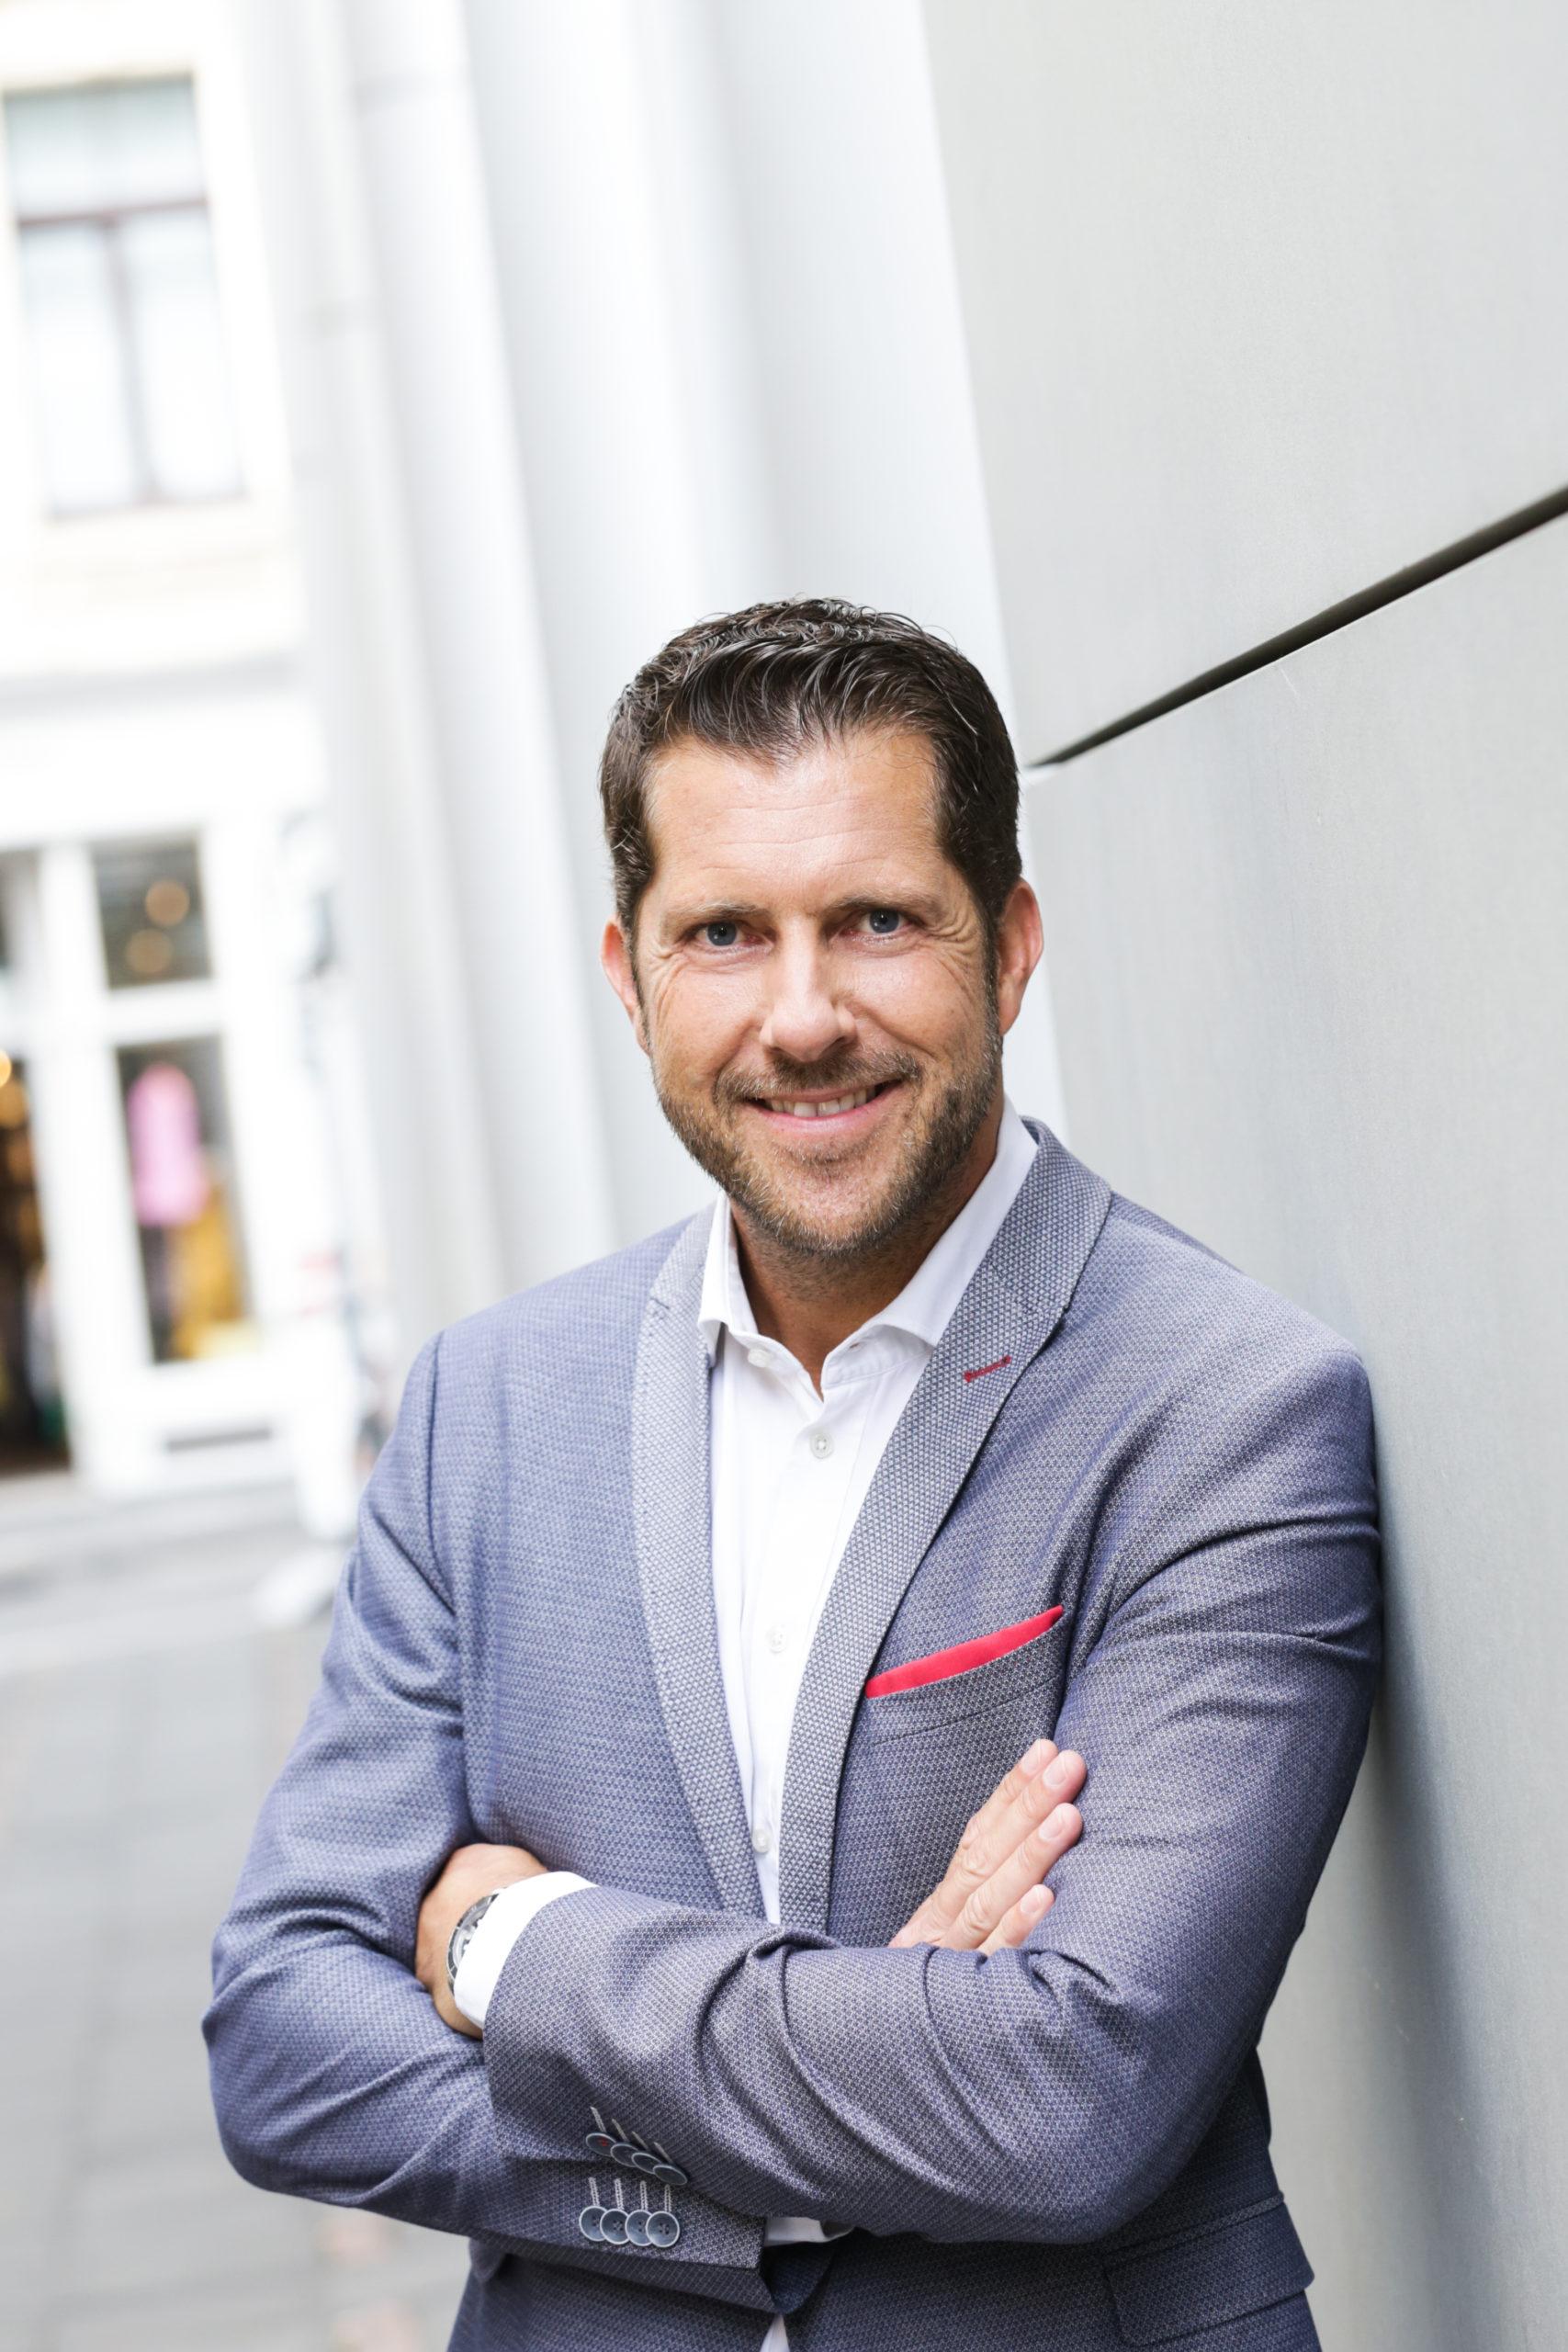 #earlyurbantalk by GIRA-Immobilienfrühstück - zu Gast: Stephan Koof, Geschäftsführer Immobilien/ Expansion, REWE Group